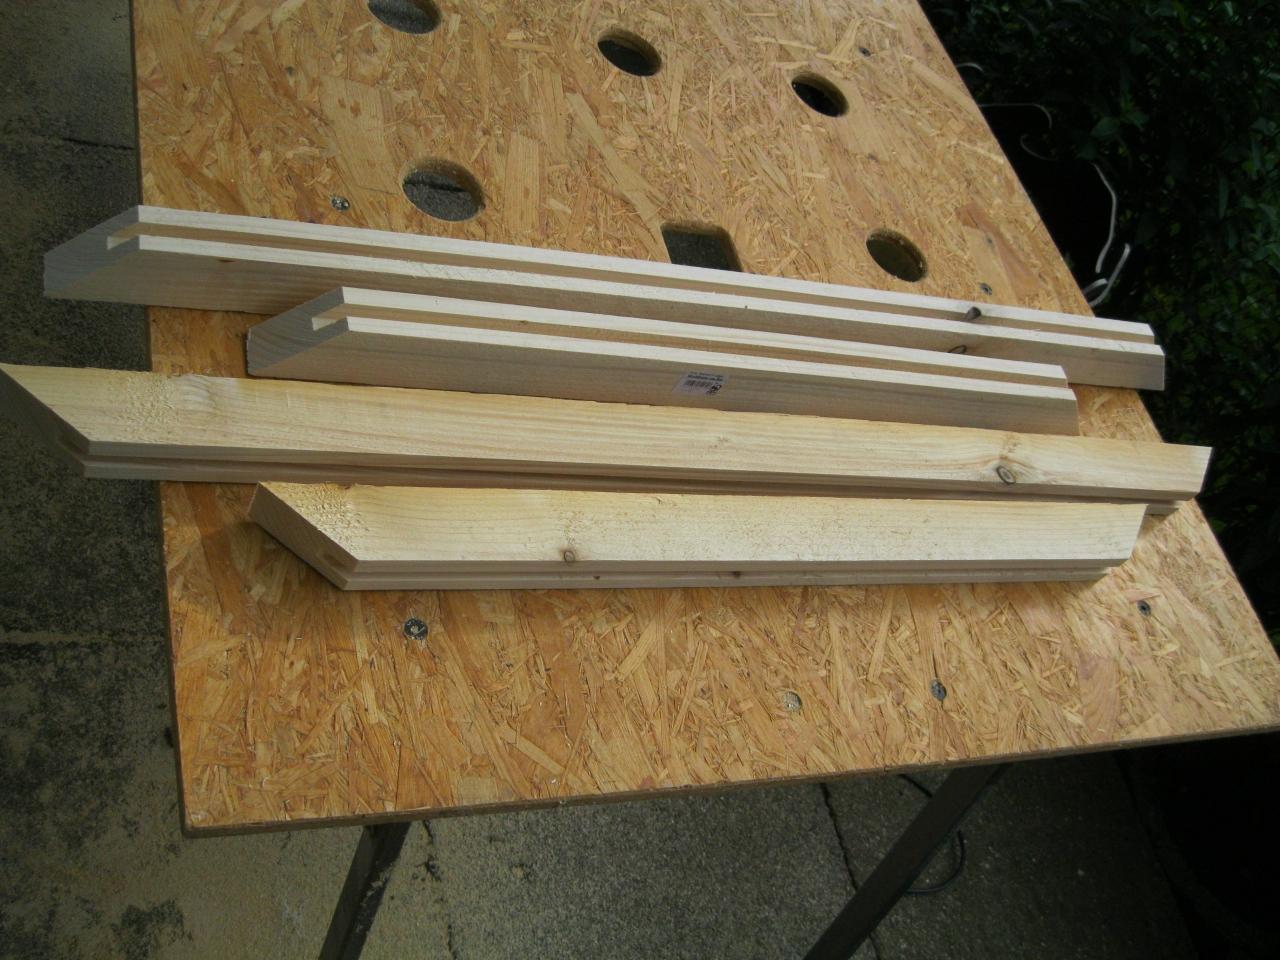 fensterladen - bauanleitung zum selberbauen - 1-2-do - deine